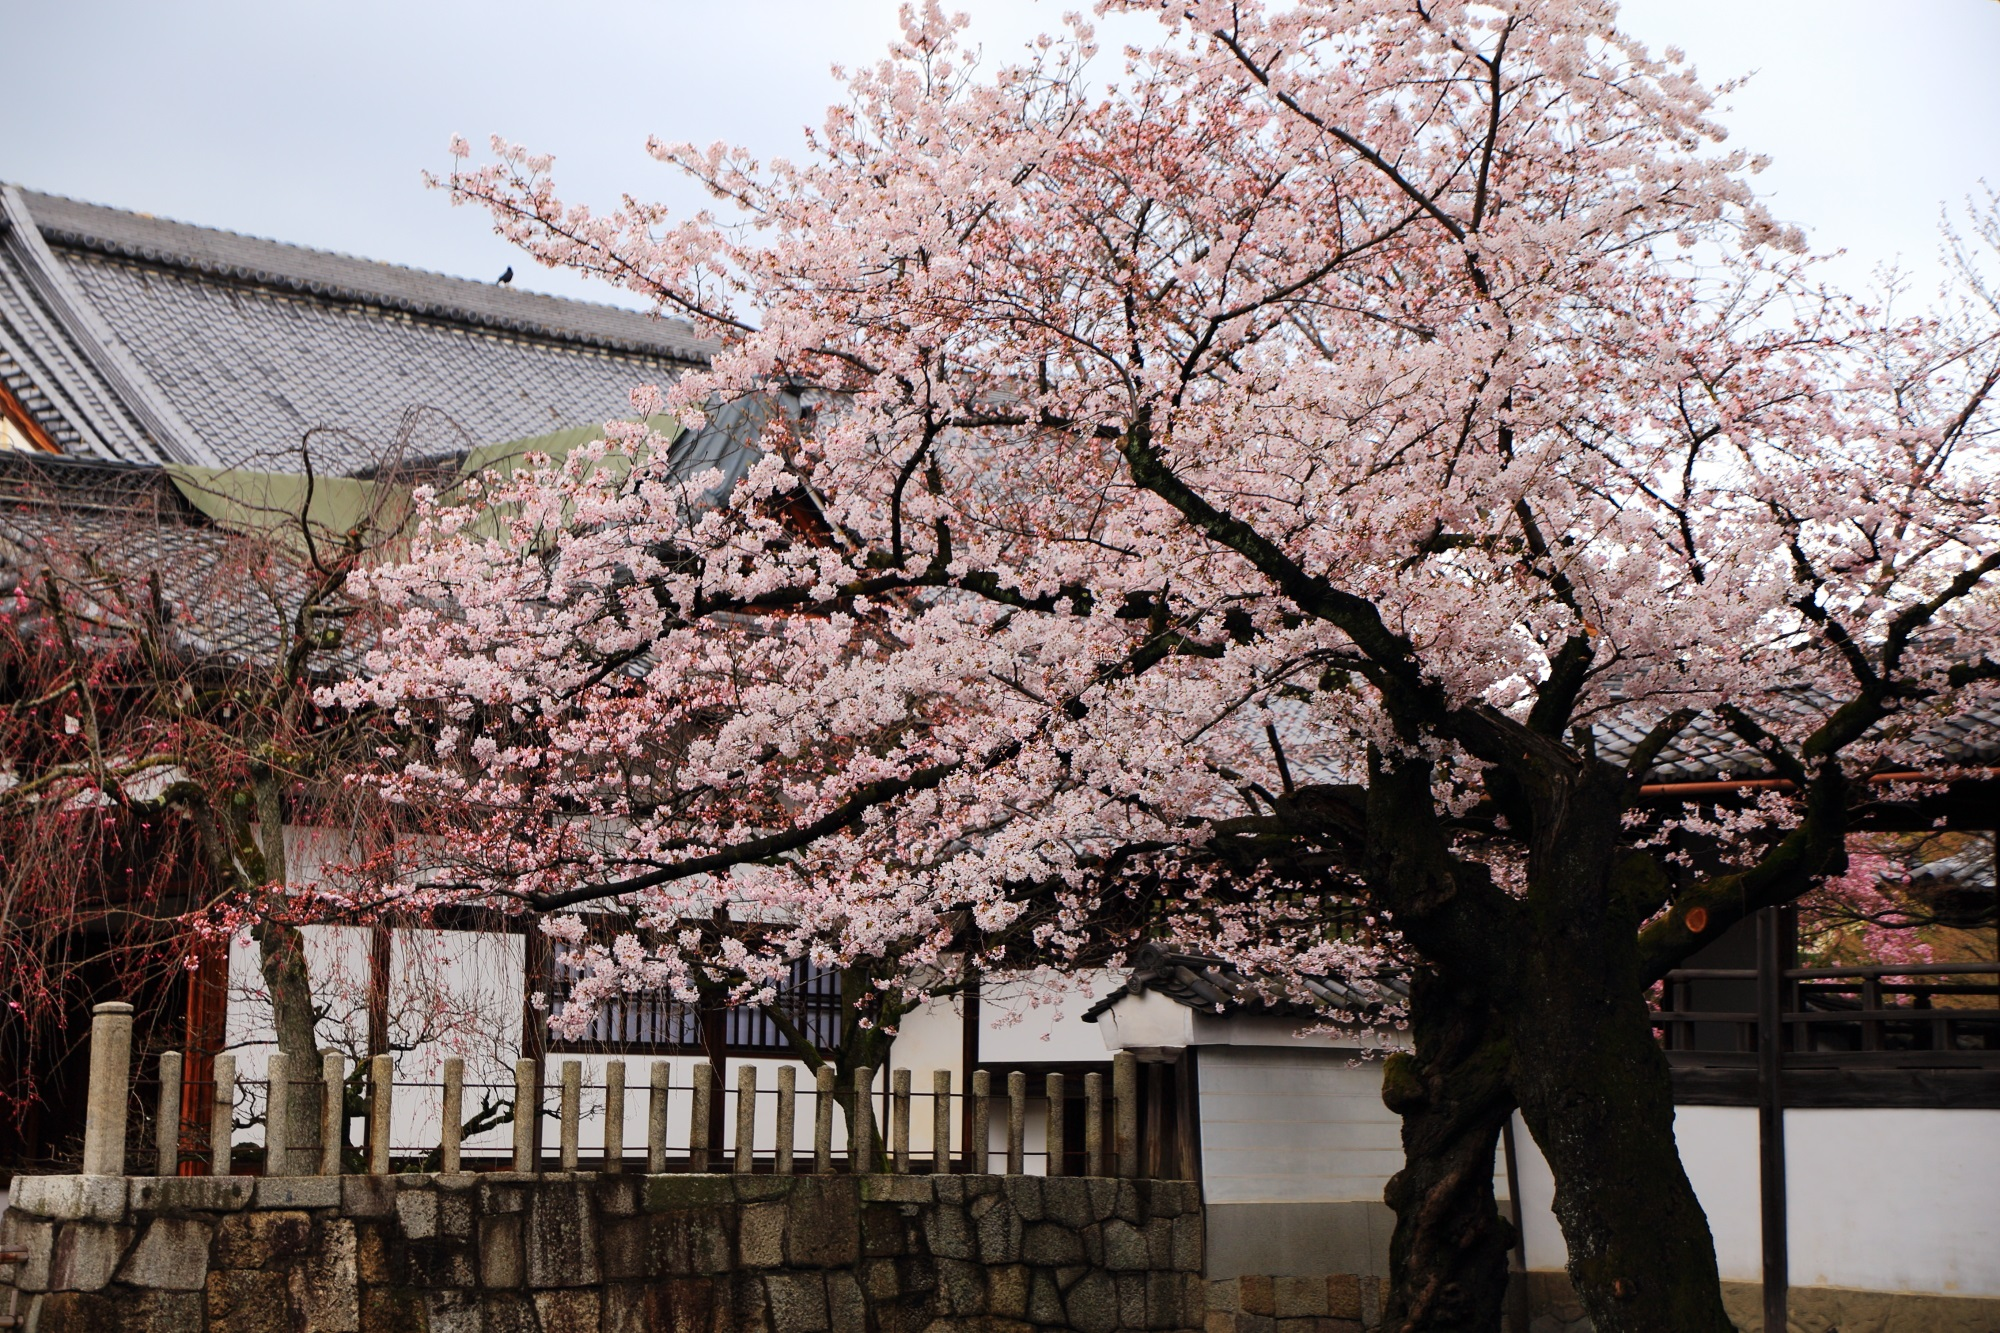 桜の名所の妙顕寺の豪快な桜